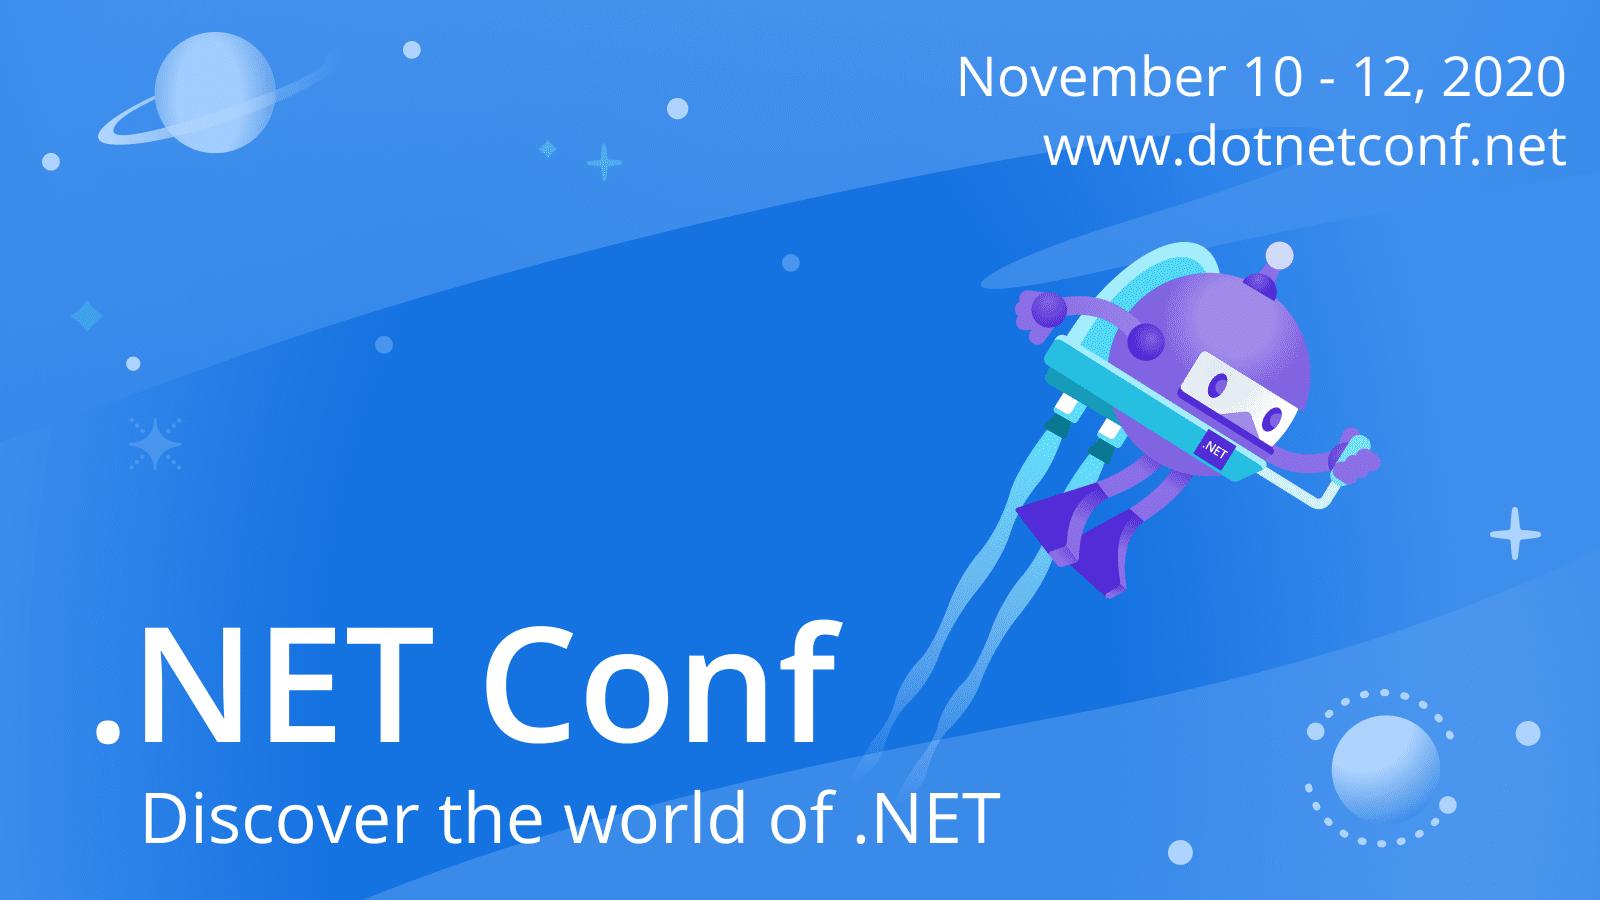 dot net conference